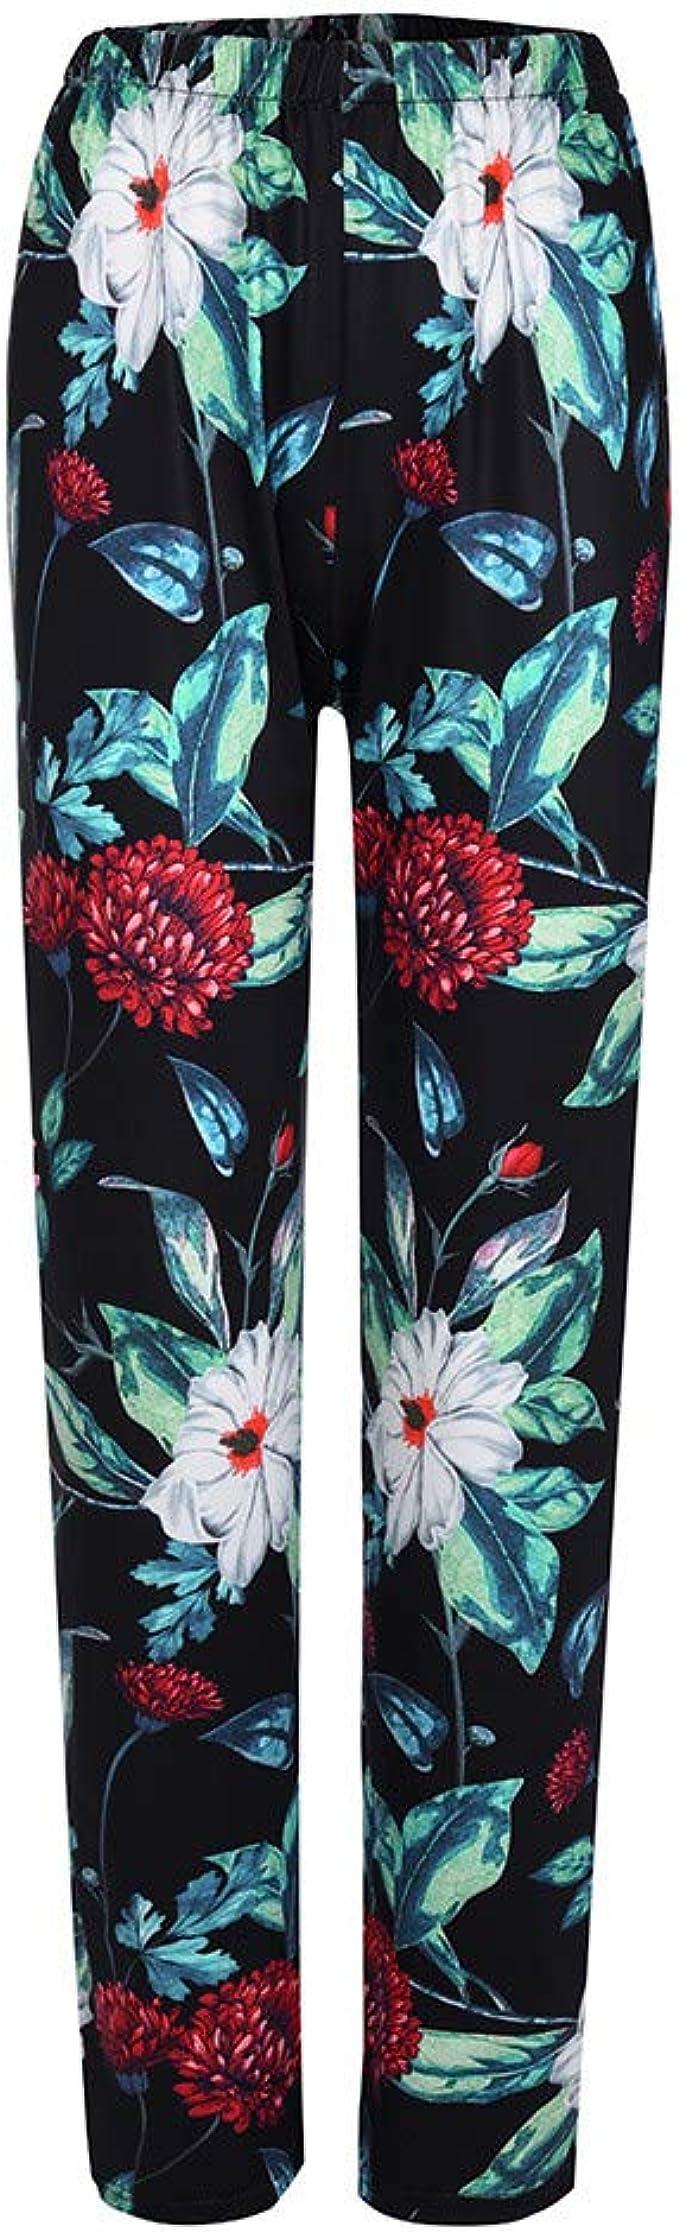 Sylar Pantalones Mujer Cintura Alta Moda Estampado De Flores ...